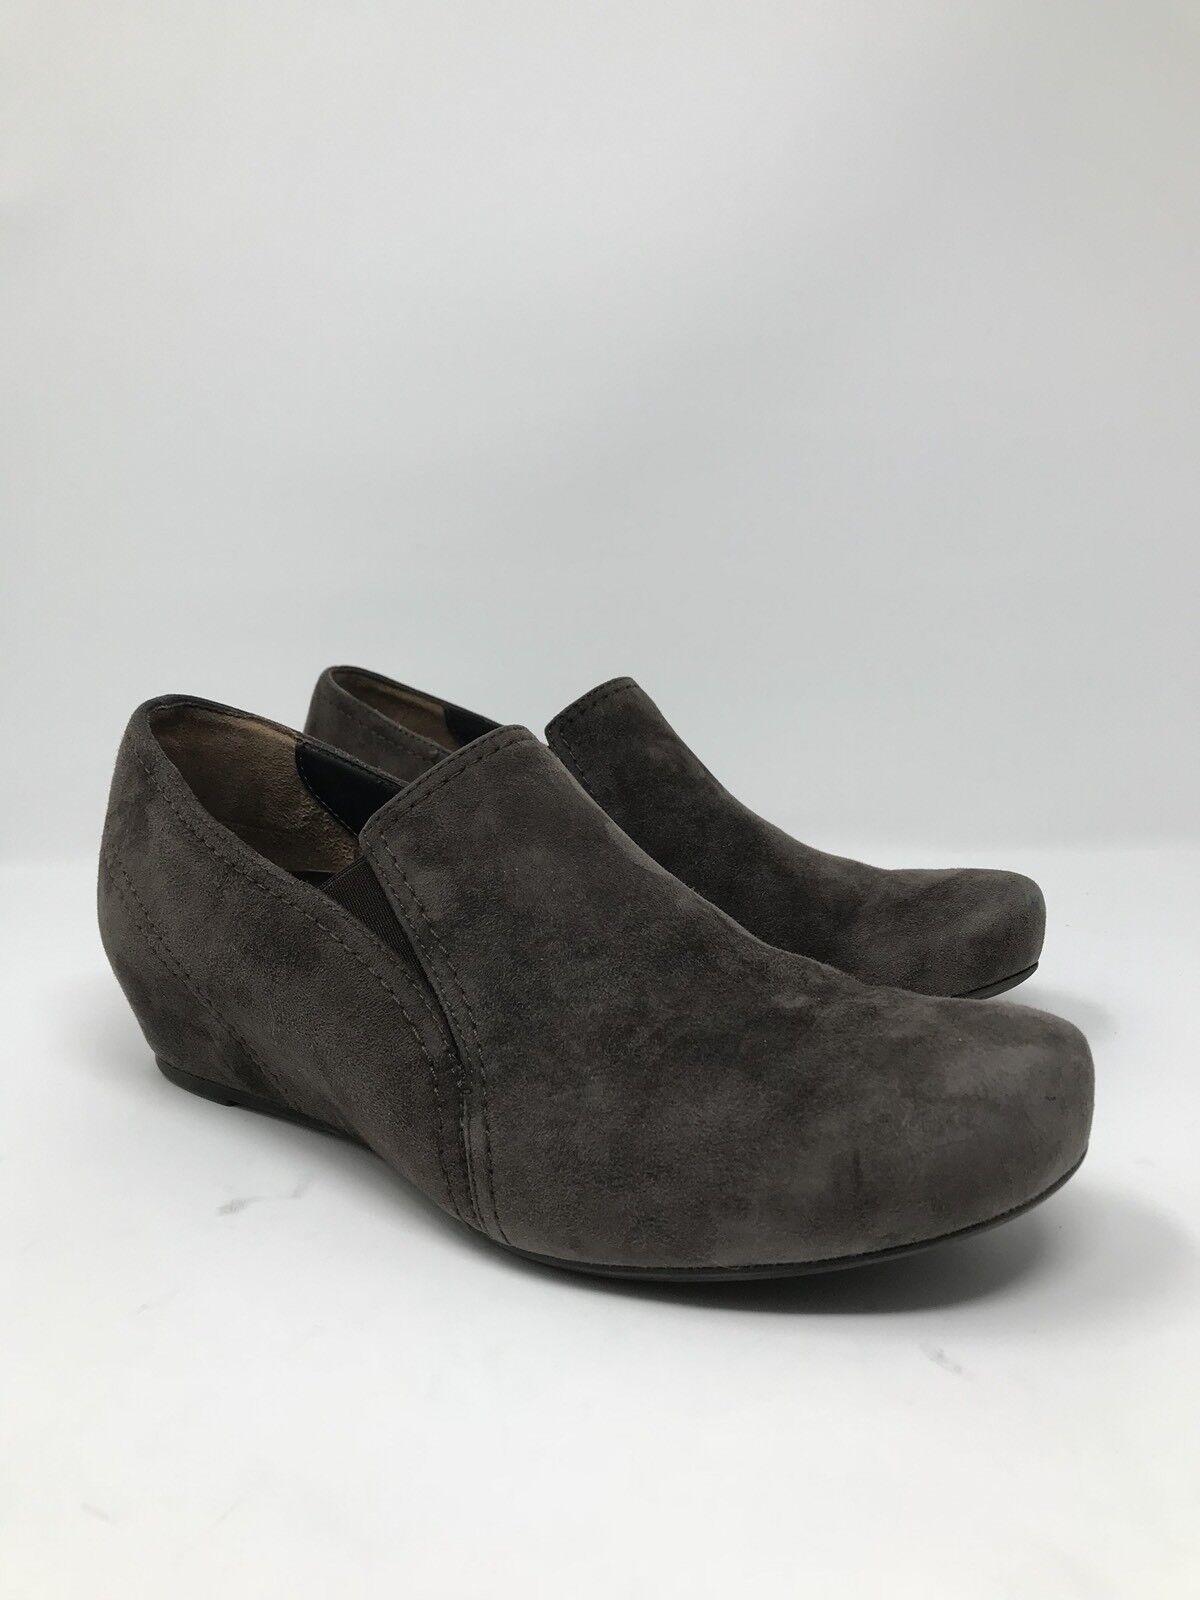 Paul Green Women's Brown Suede Hidden Wedge Heels Booties Size 9 US